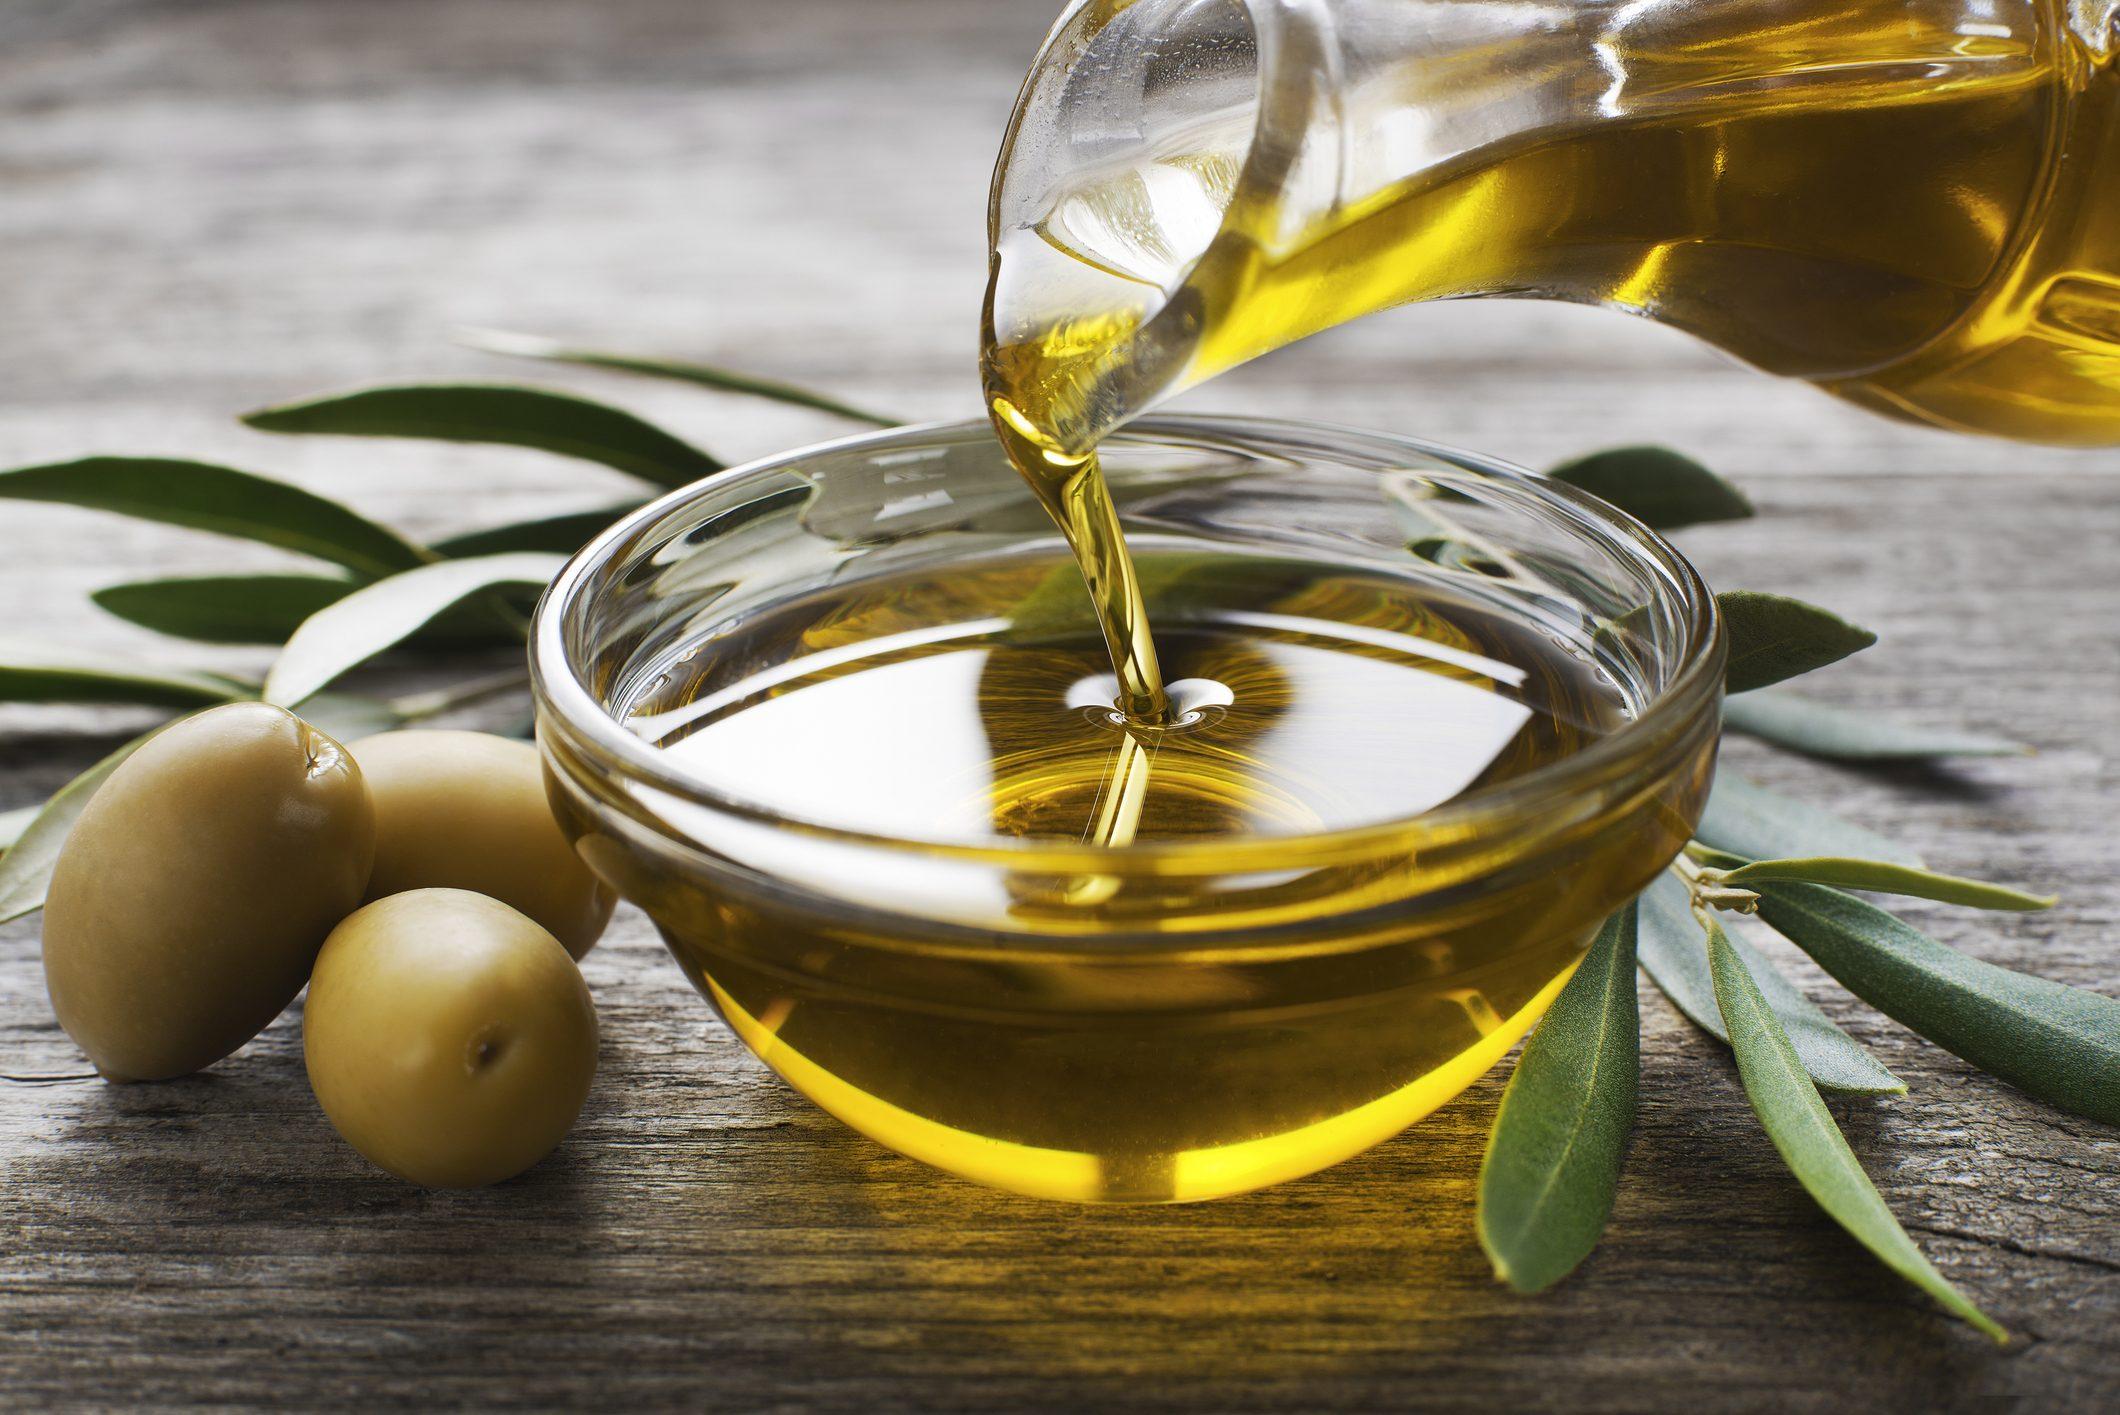 Olio Evo: proprietà e caratteristiche dell'olio extravergine di oliva |  Ohga!